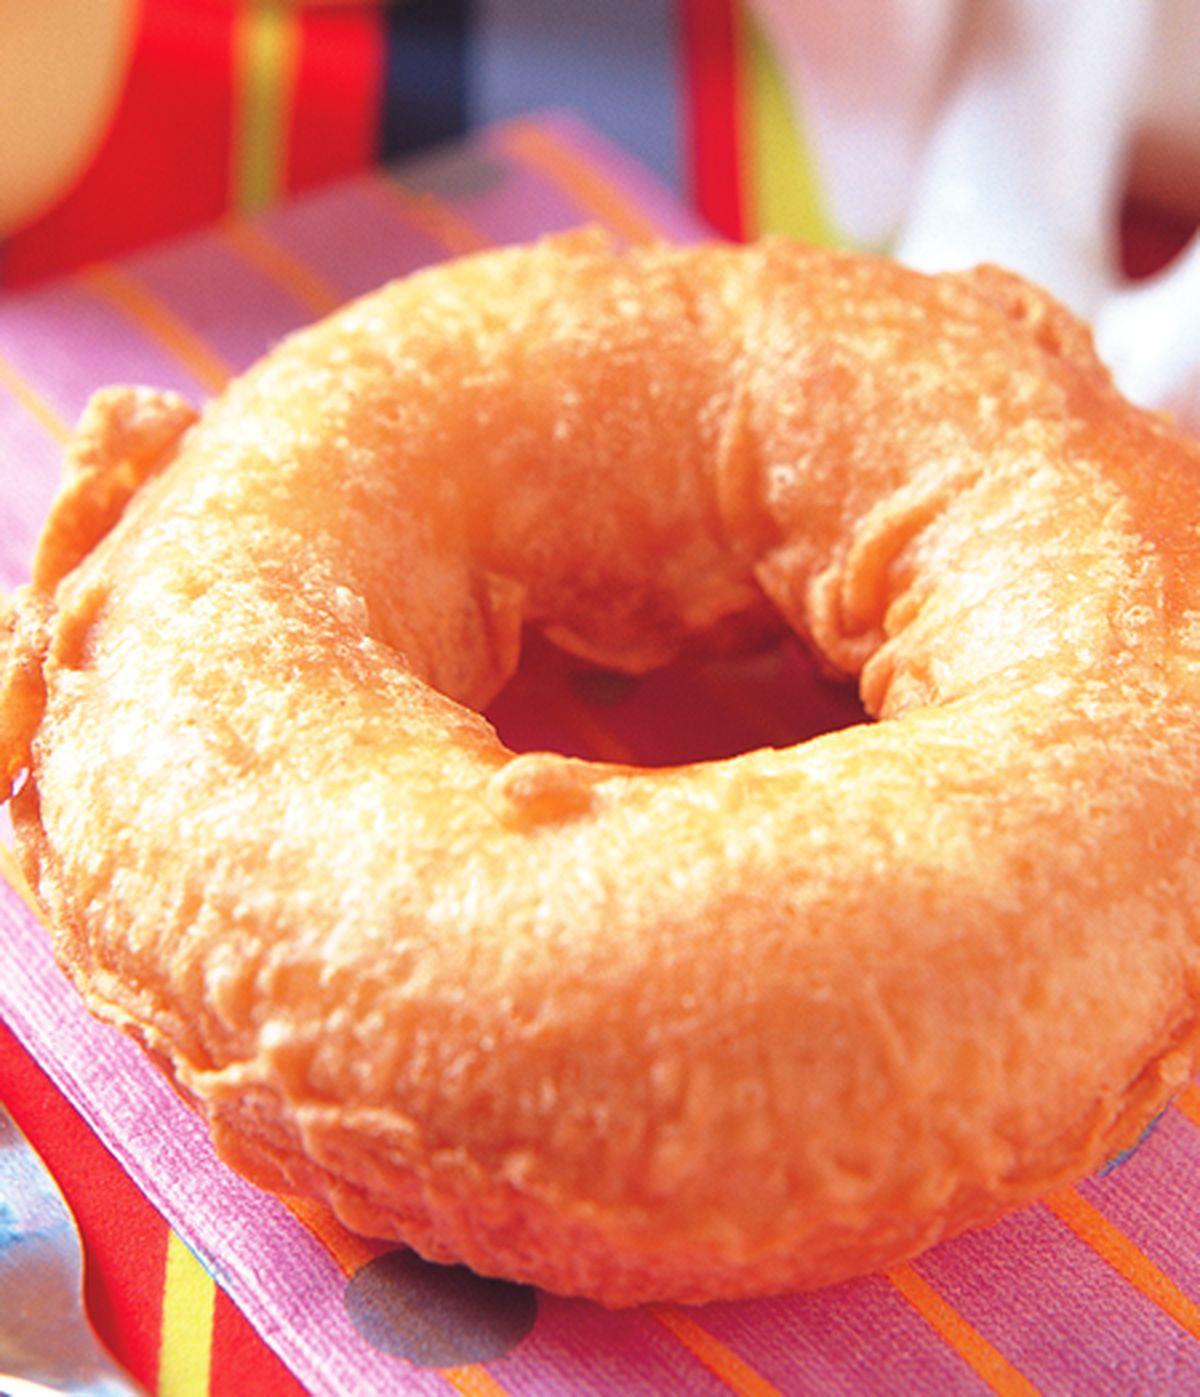 食譜:脆皮鮮奶甜甜圈